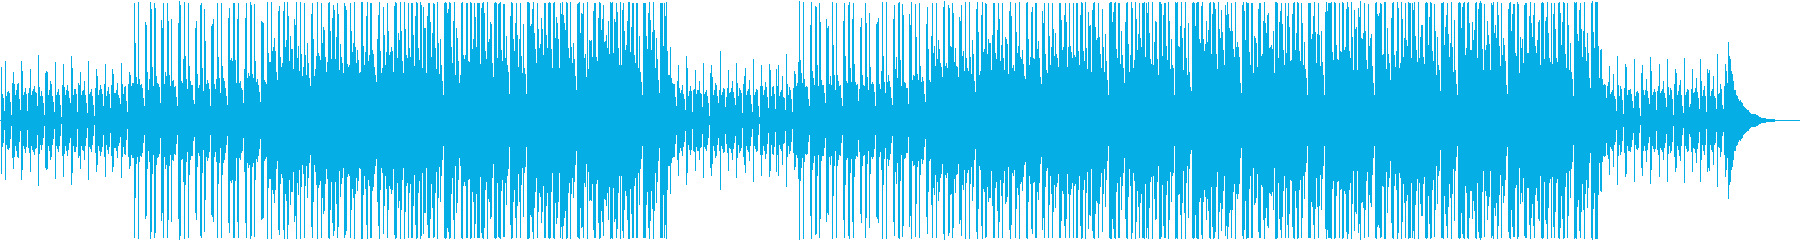 かわいいおしゃれな楽しいオープニングの再生済みの波形